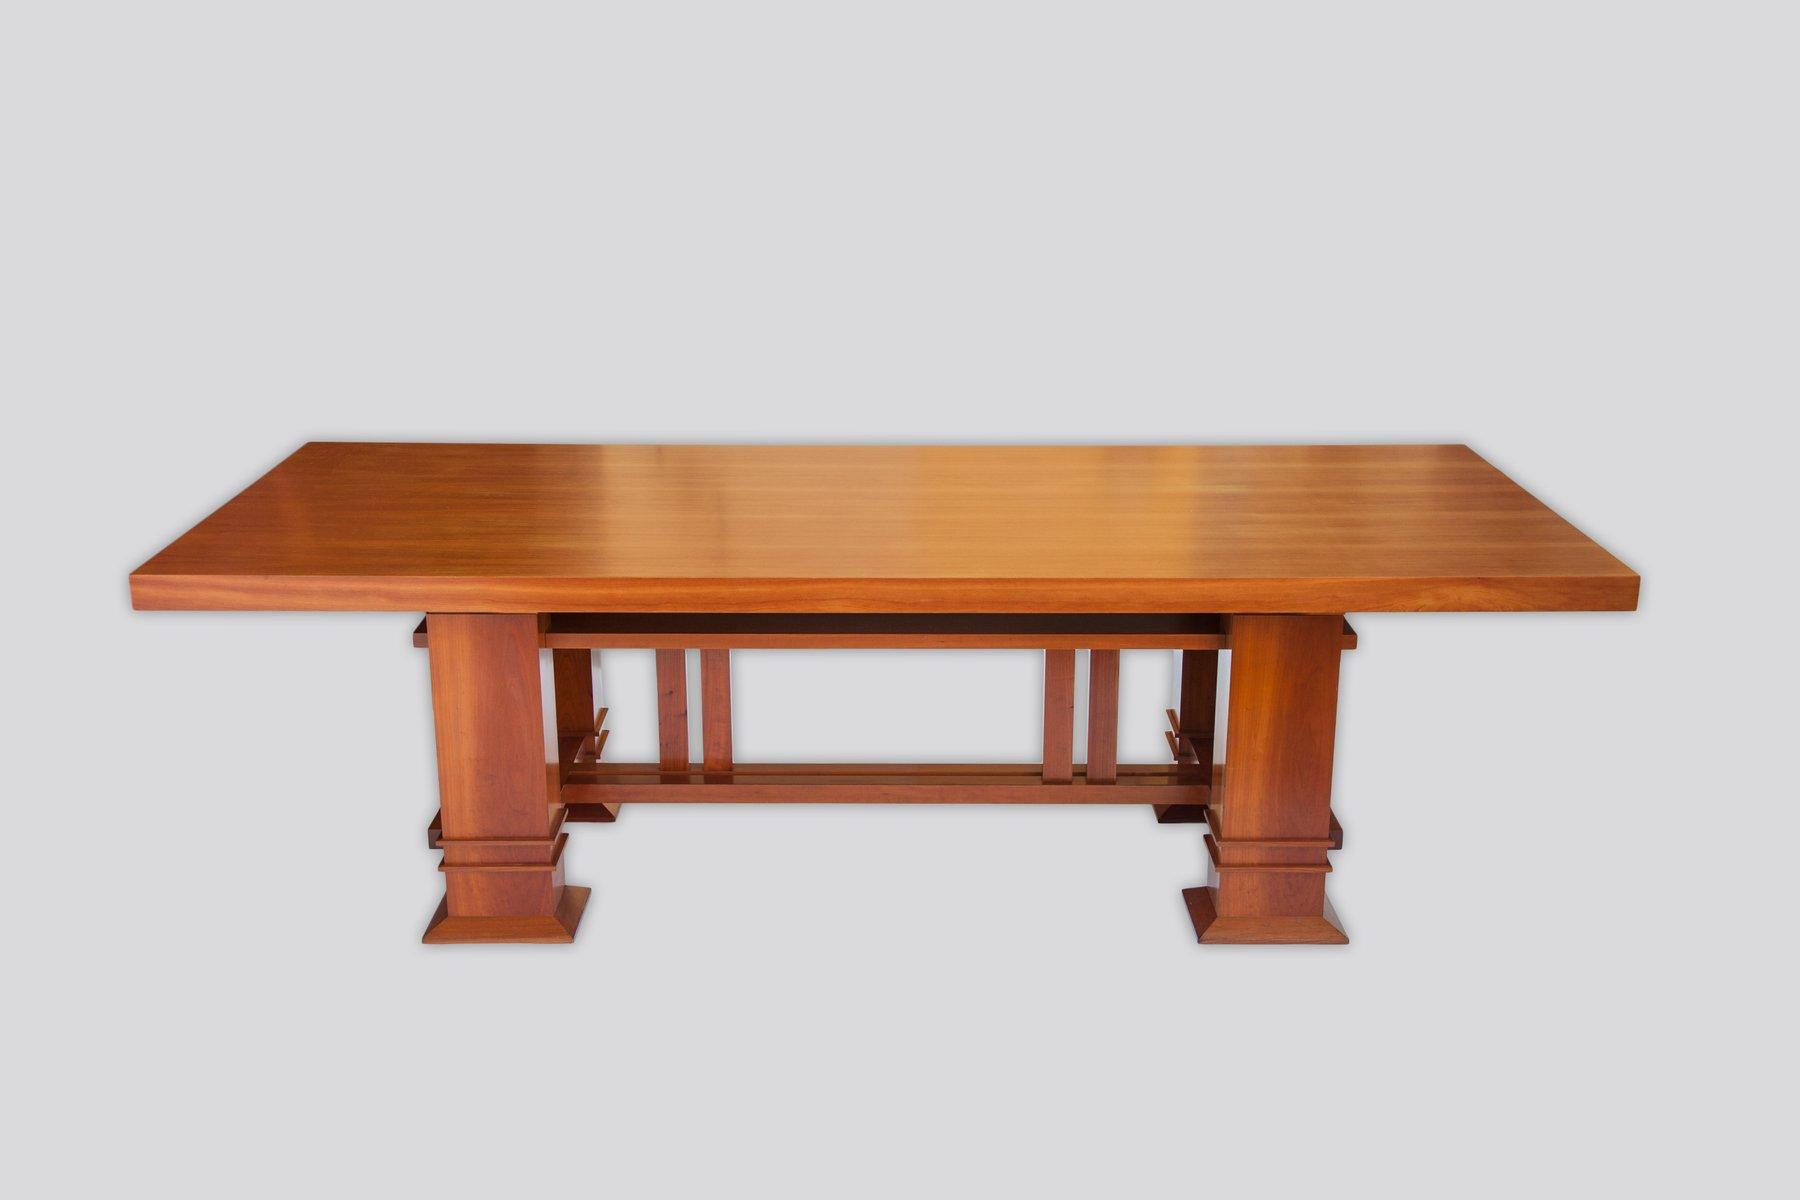 Allen 605 Tisch aus Kirschholz von Frank Lloyd Wright für Cassina, 198...